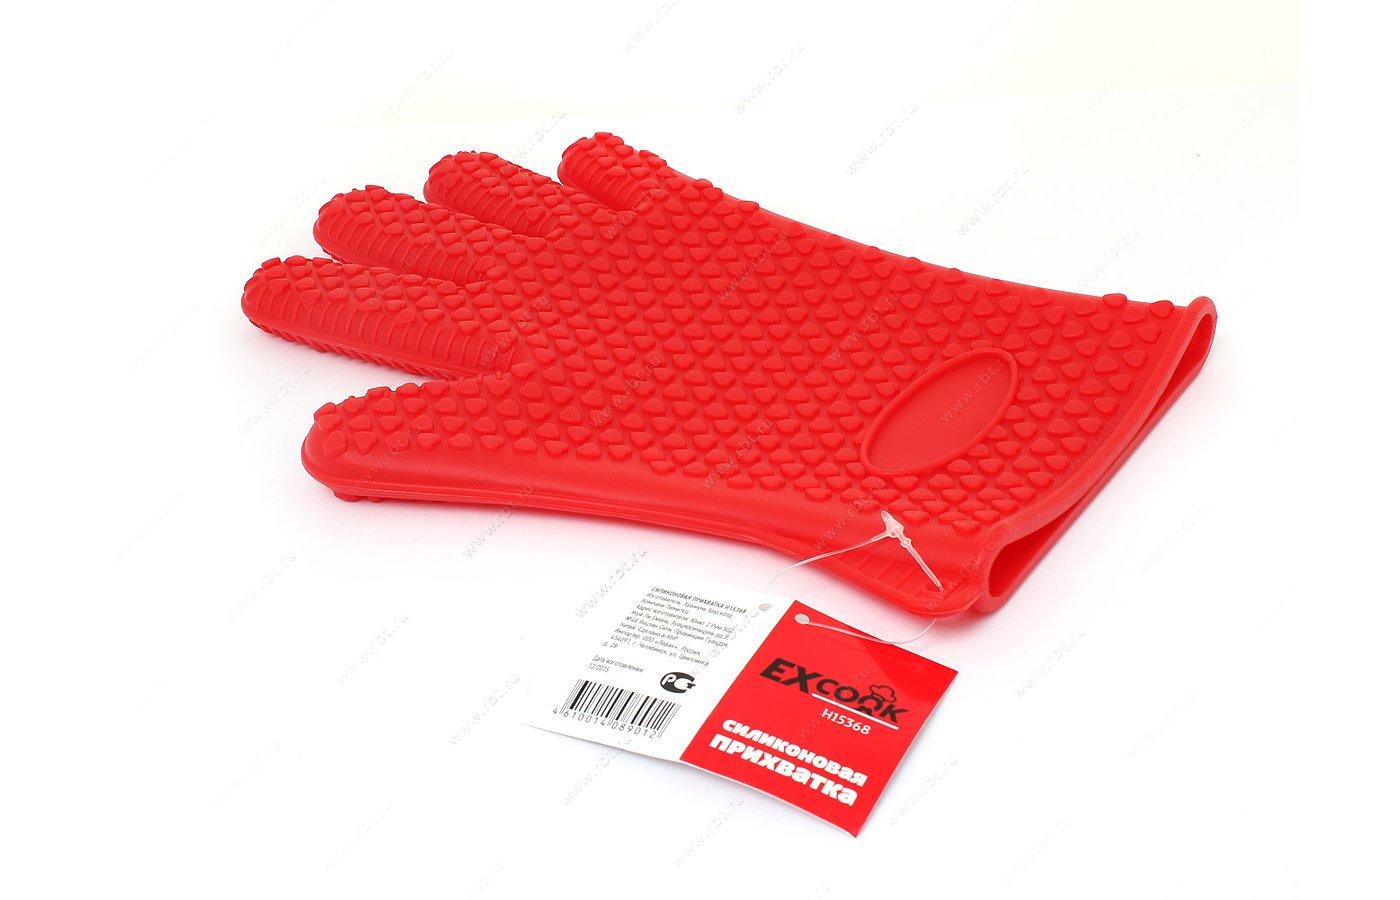 Текстиль кухонный EXCOOK H15368 Силиконовая прихватка